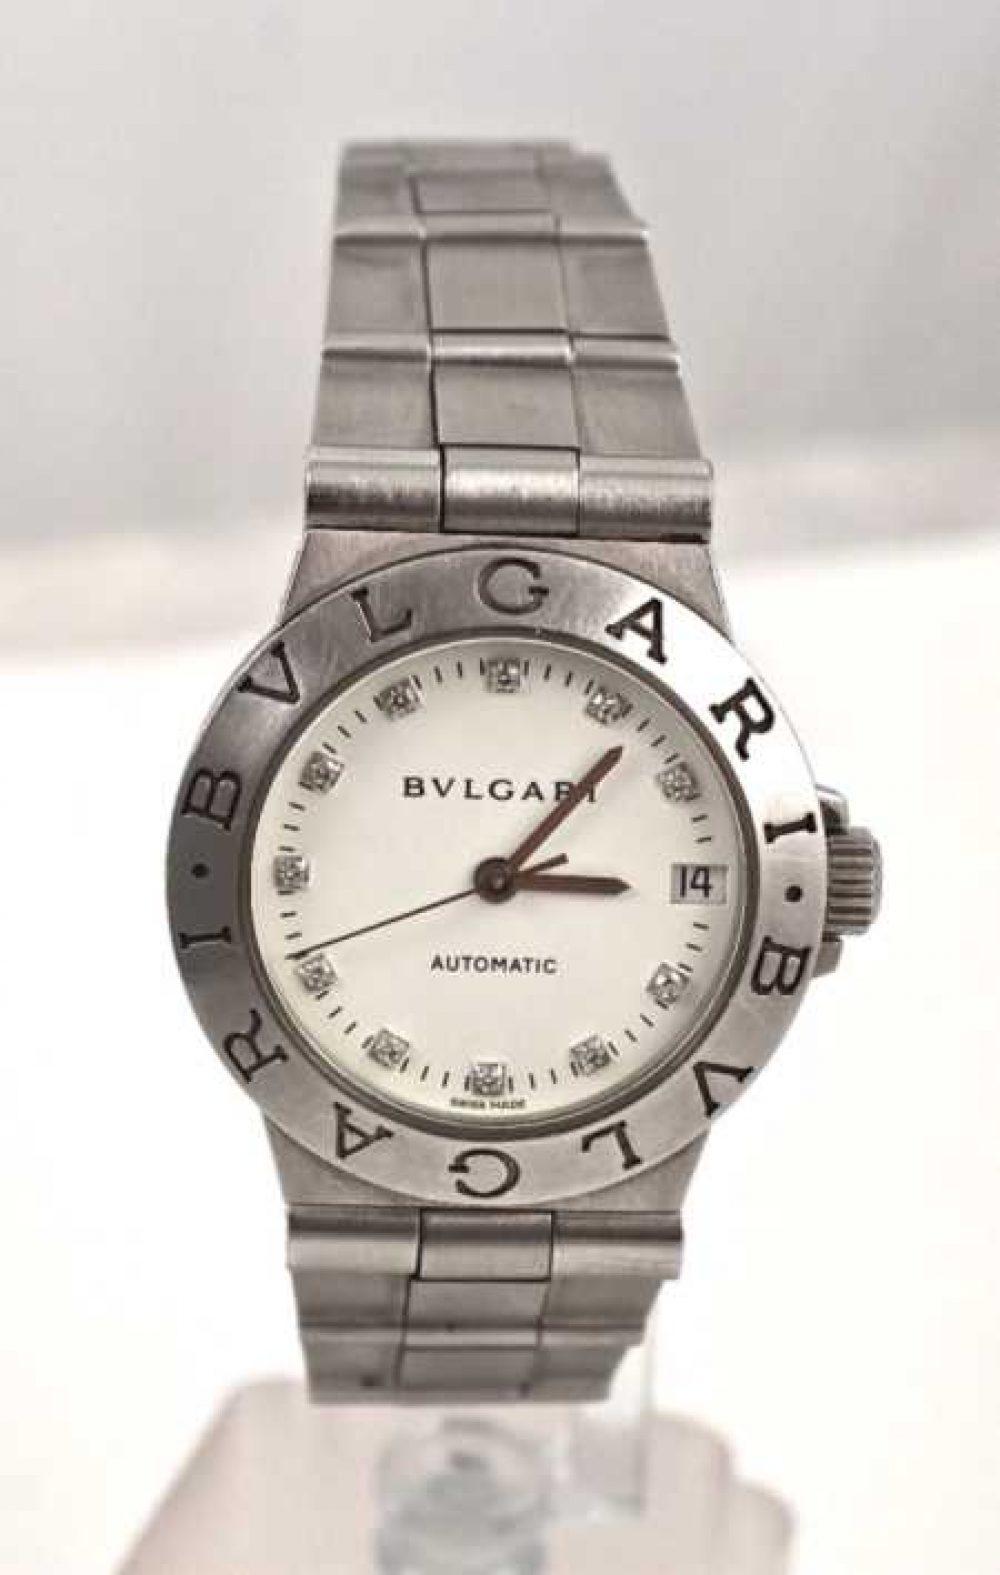 BVLGARI Diagono Fabrique En Suisse Automatic Watch